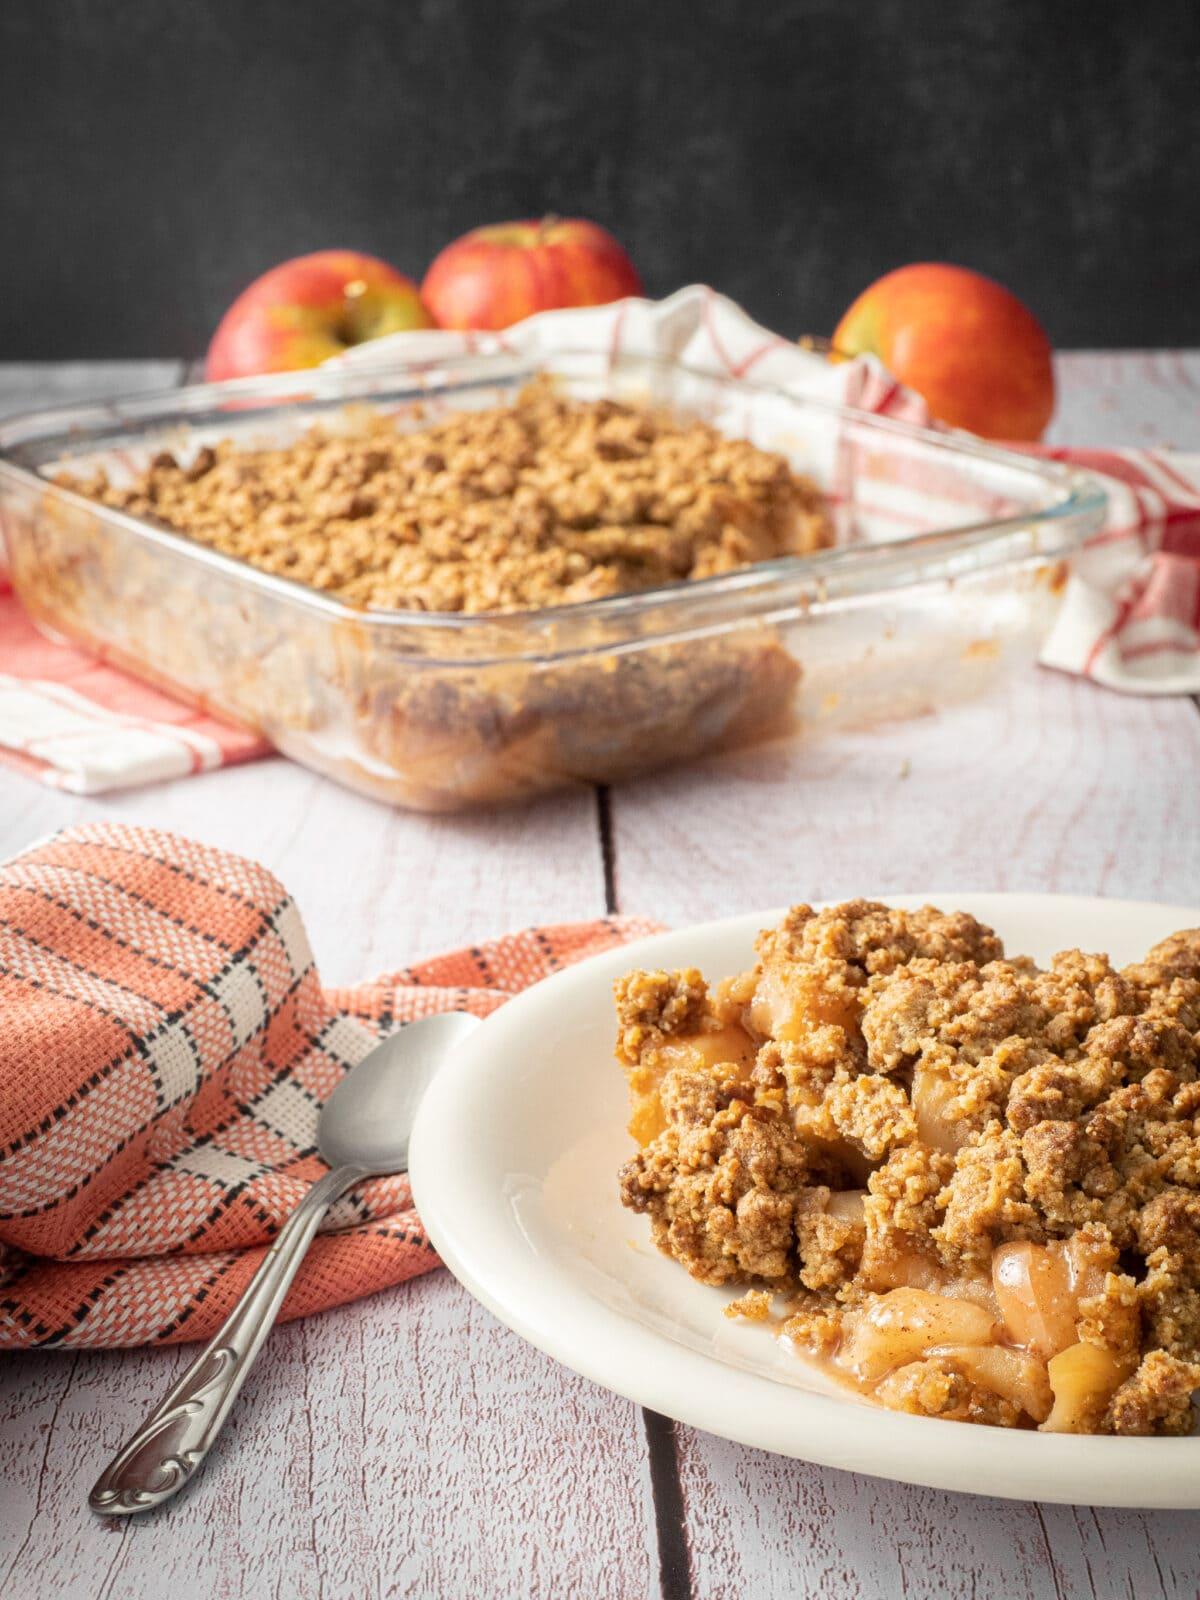 une grosse part de crumble dans une assiette blanche avec une cuillère et une serviette avec le plat de crumble et des pommes en arrière plan